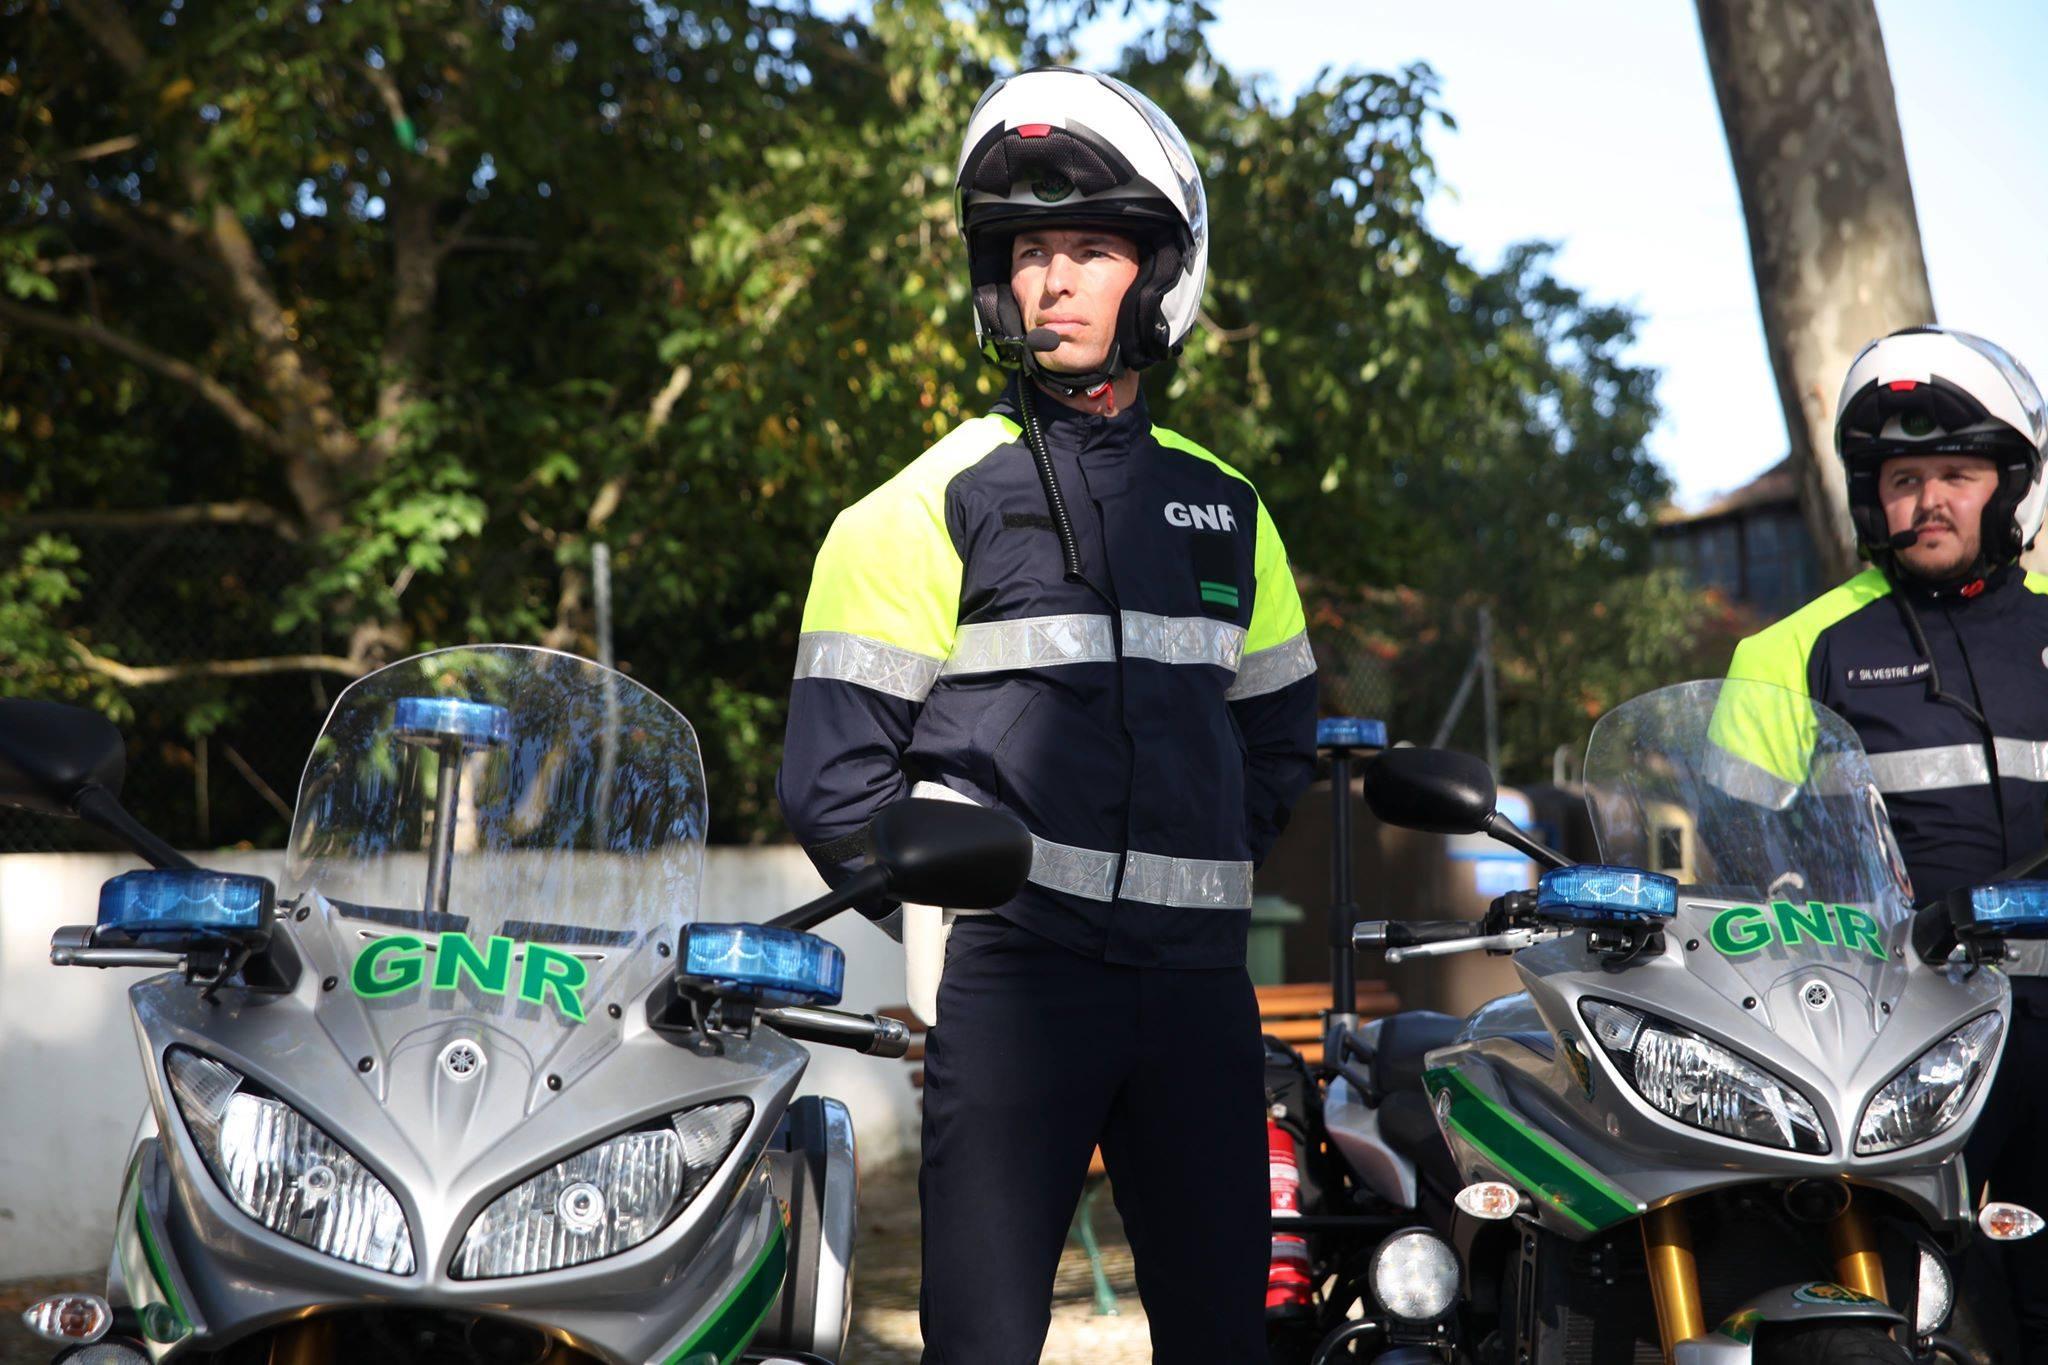 Campanha visa reduzir sinistralidade rodoviária envolvendo motociclistas